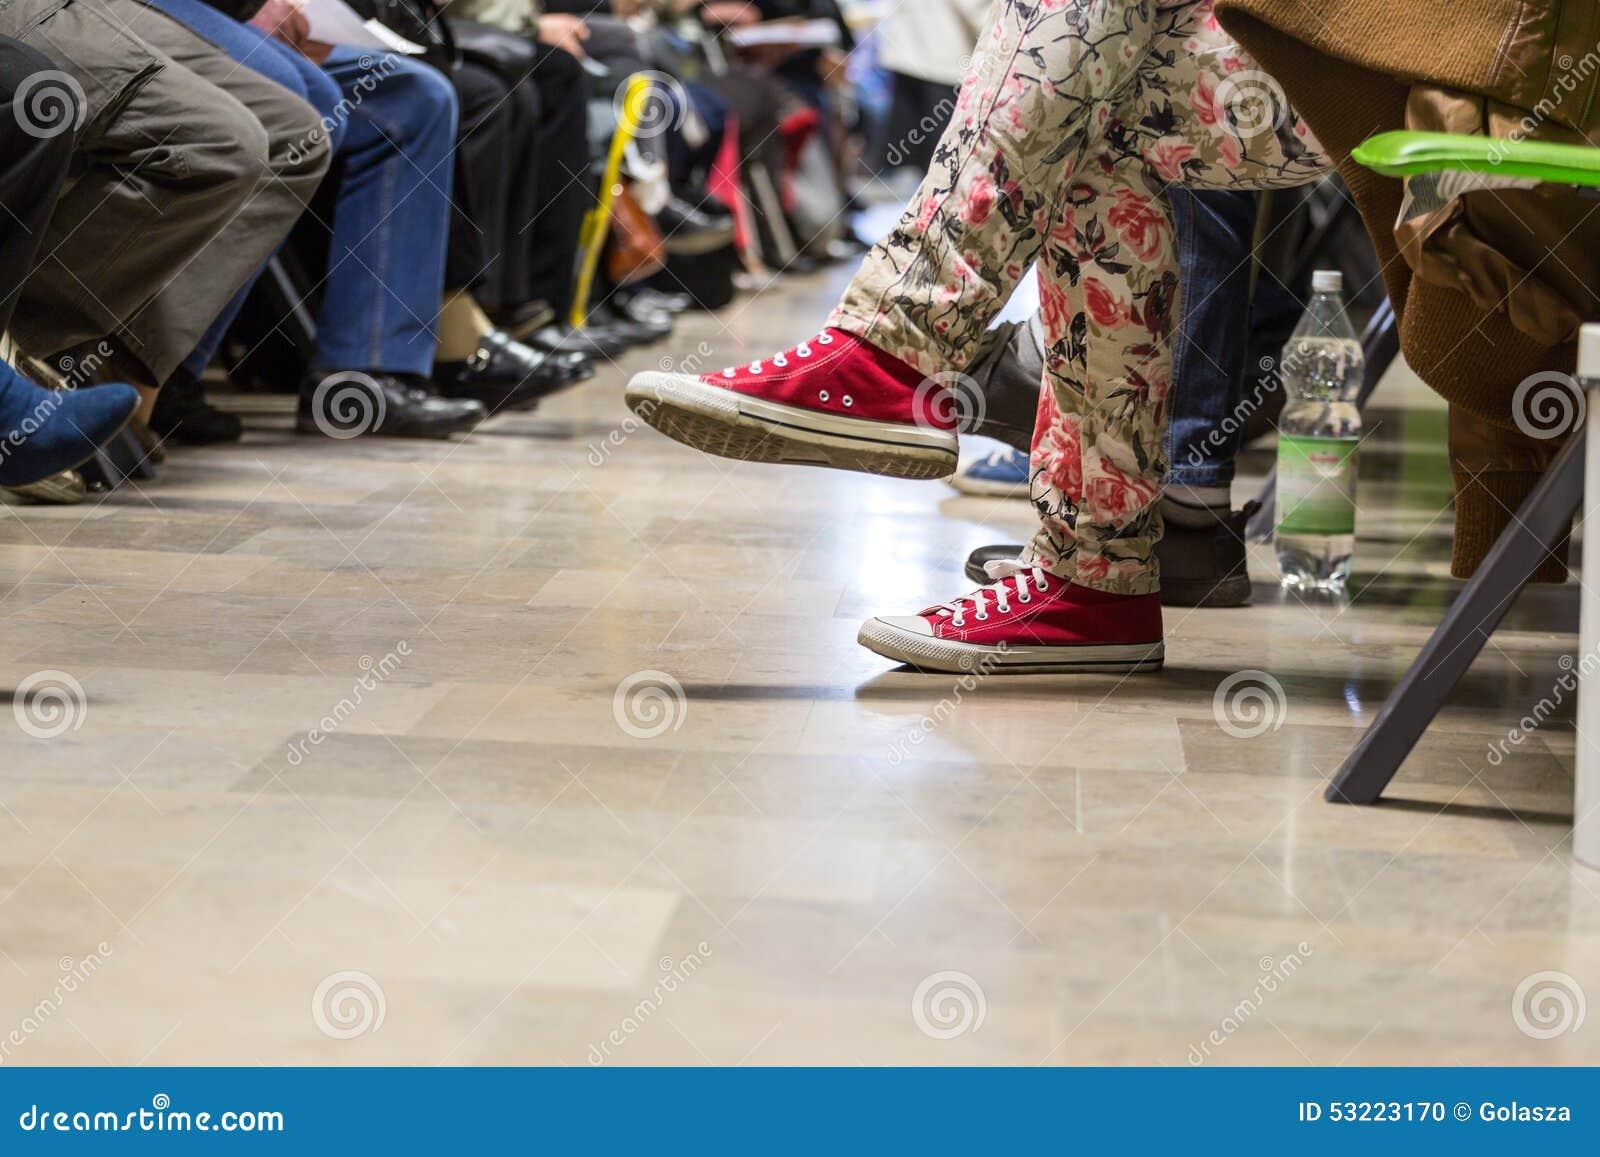 Vele mensen in een wachtkamer